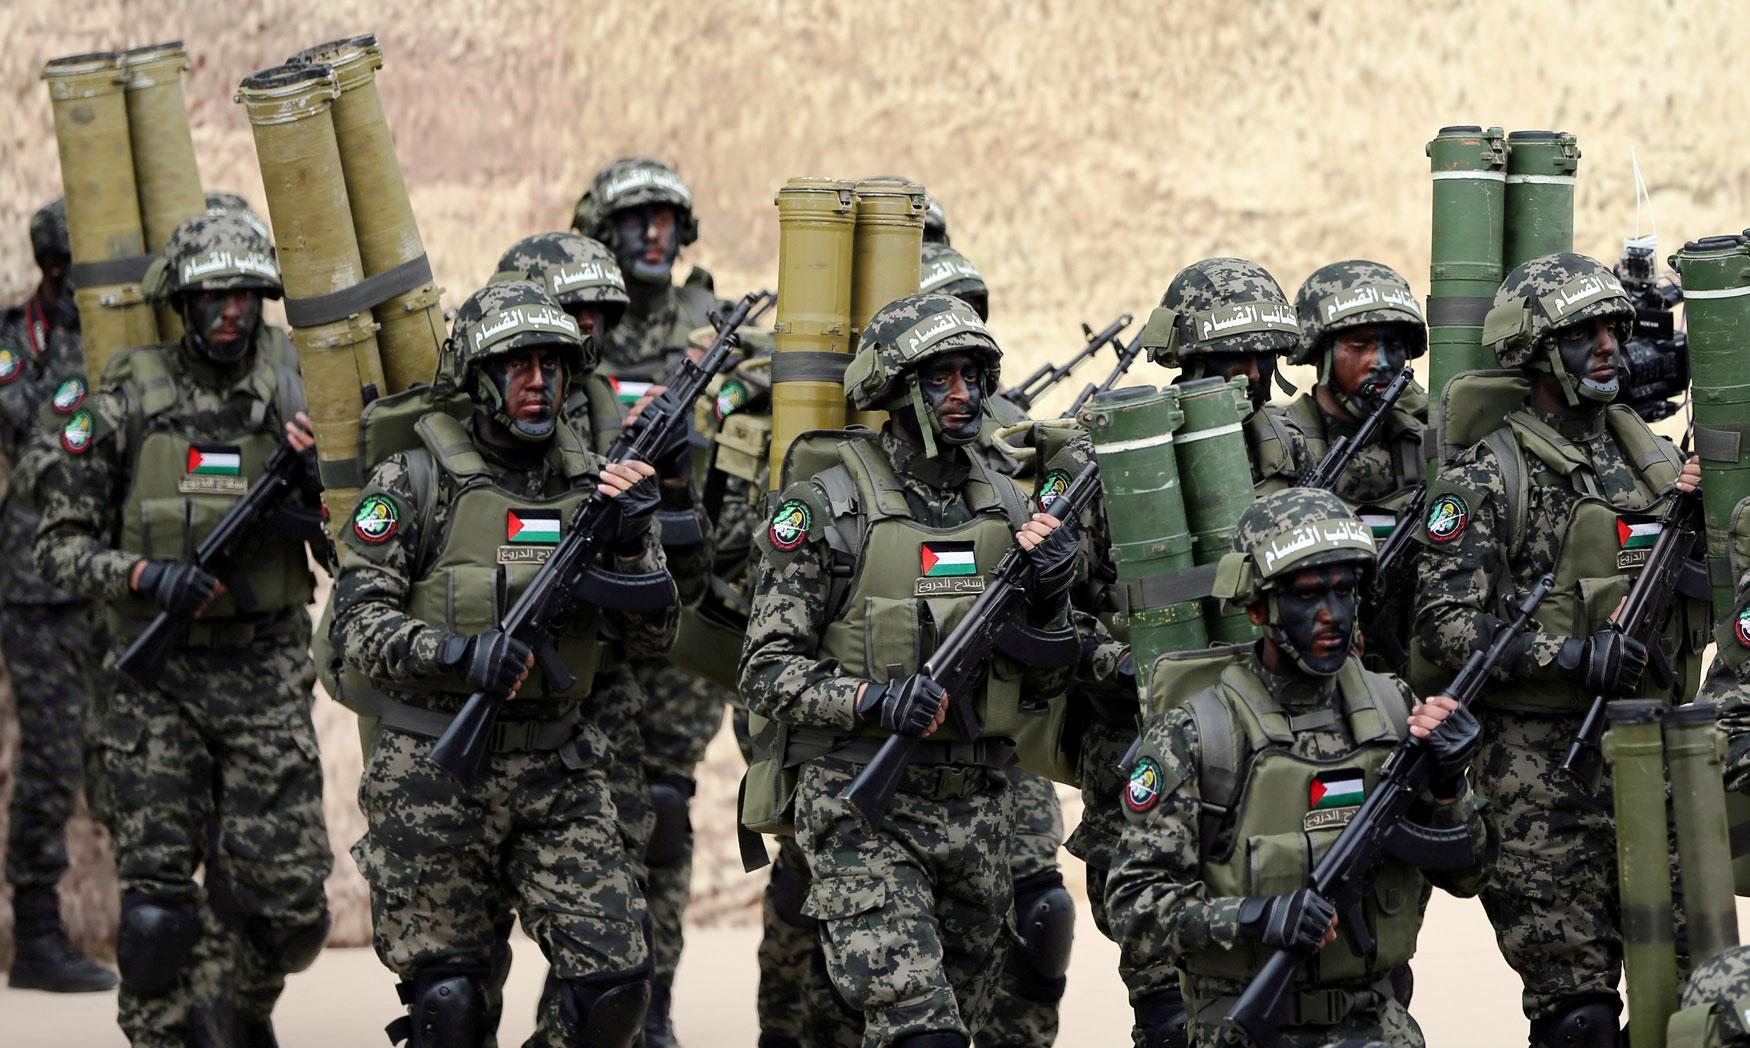 المقاومة تفشل مناورة خداعية لجيش الاحتلال في غزة هدفت لقتل مئات من عناصرها